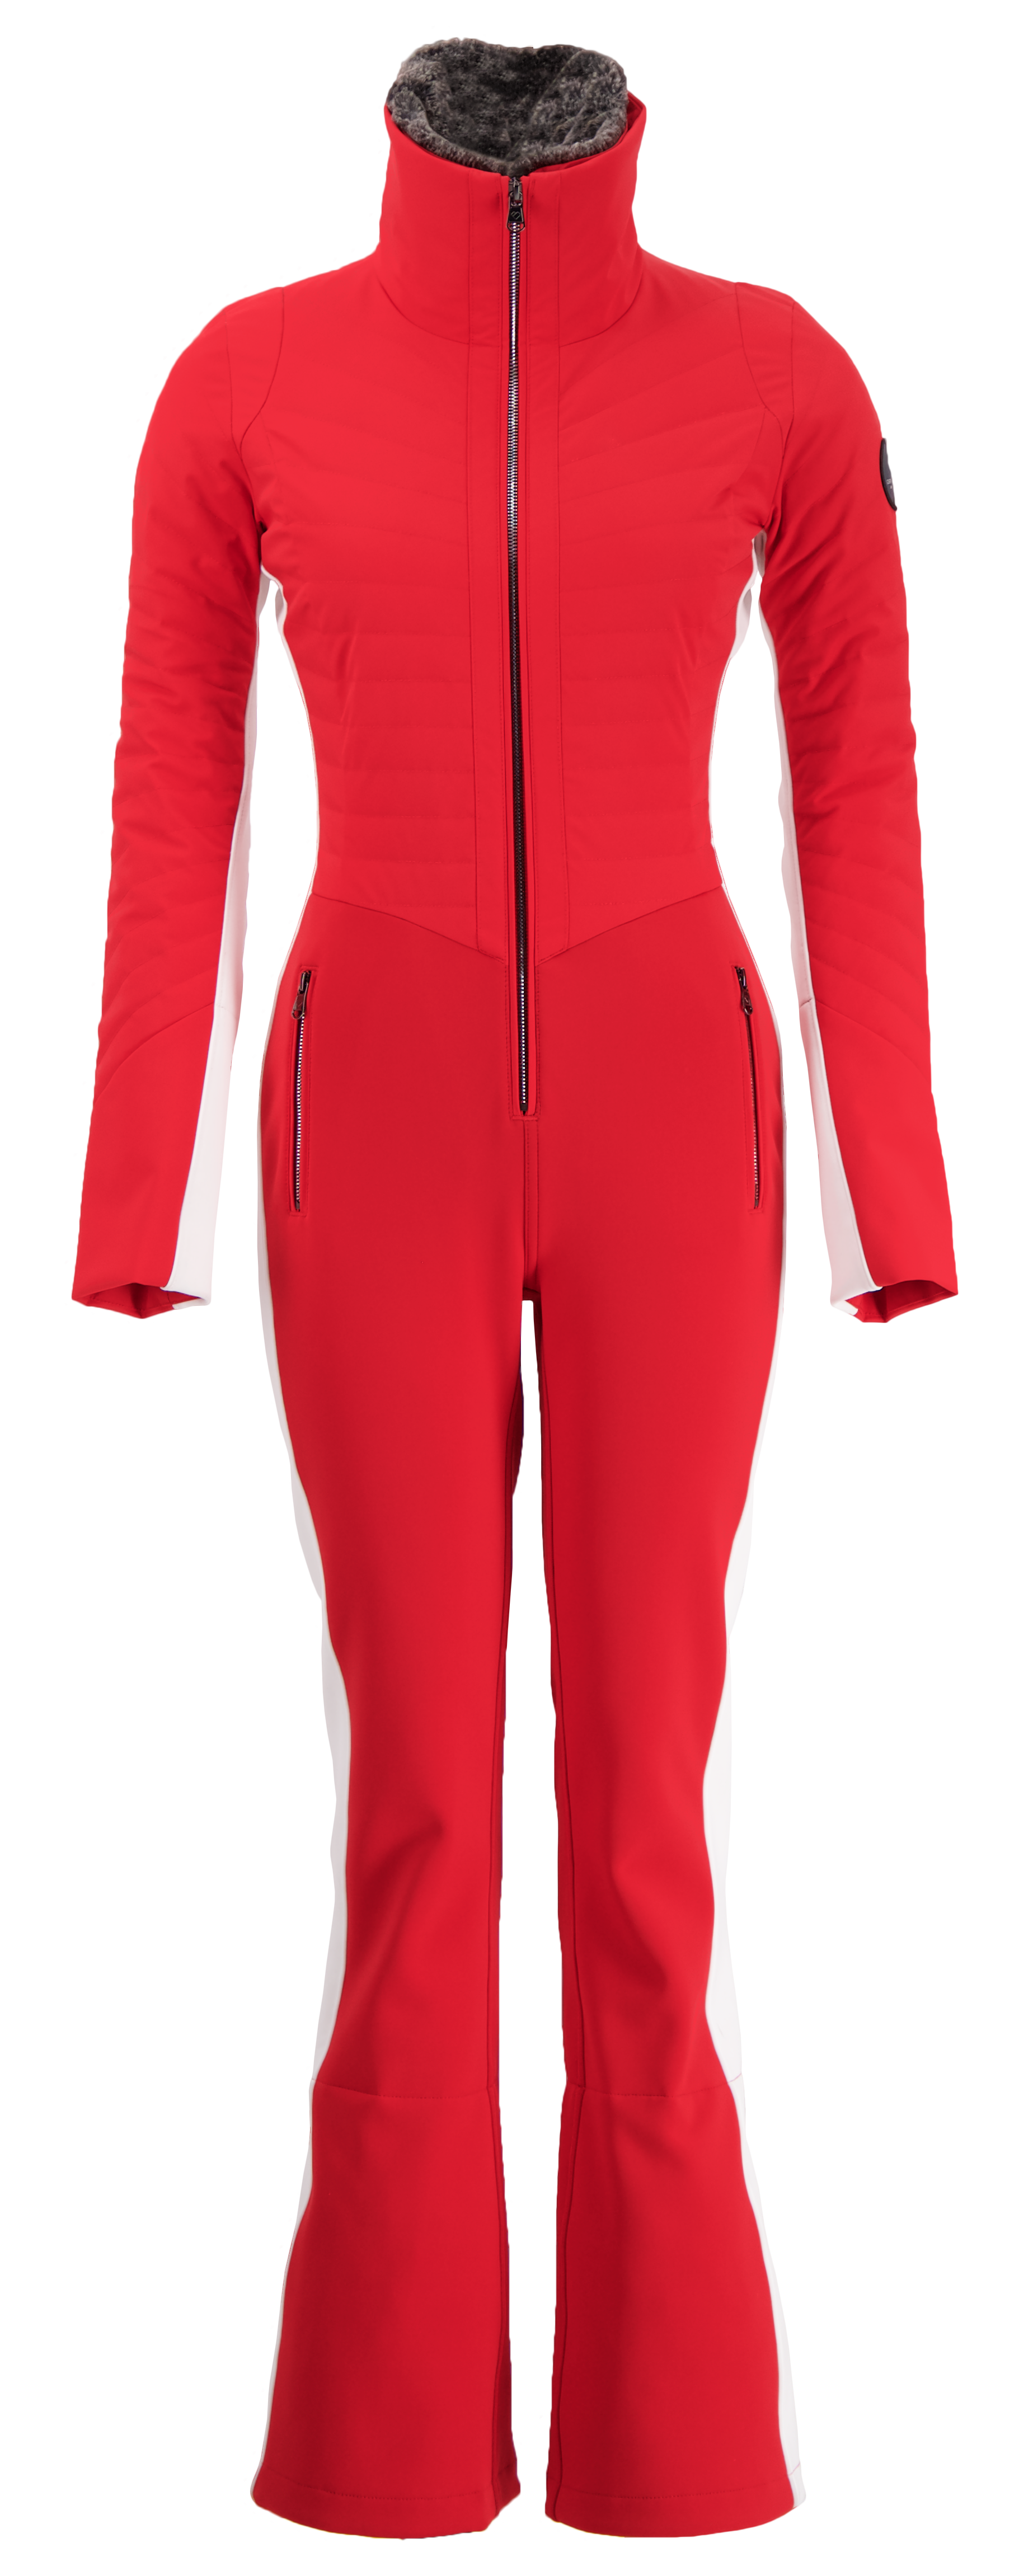 Racer eX 0201